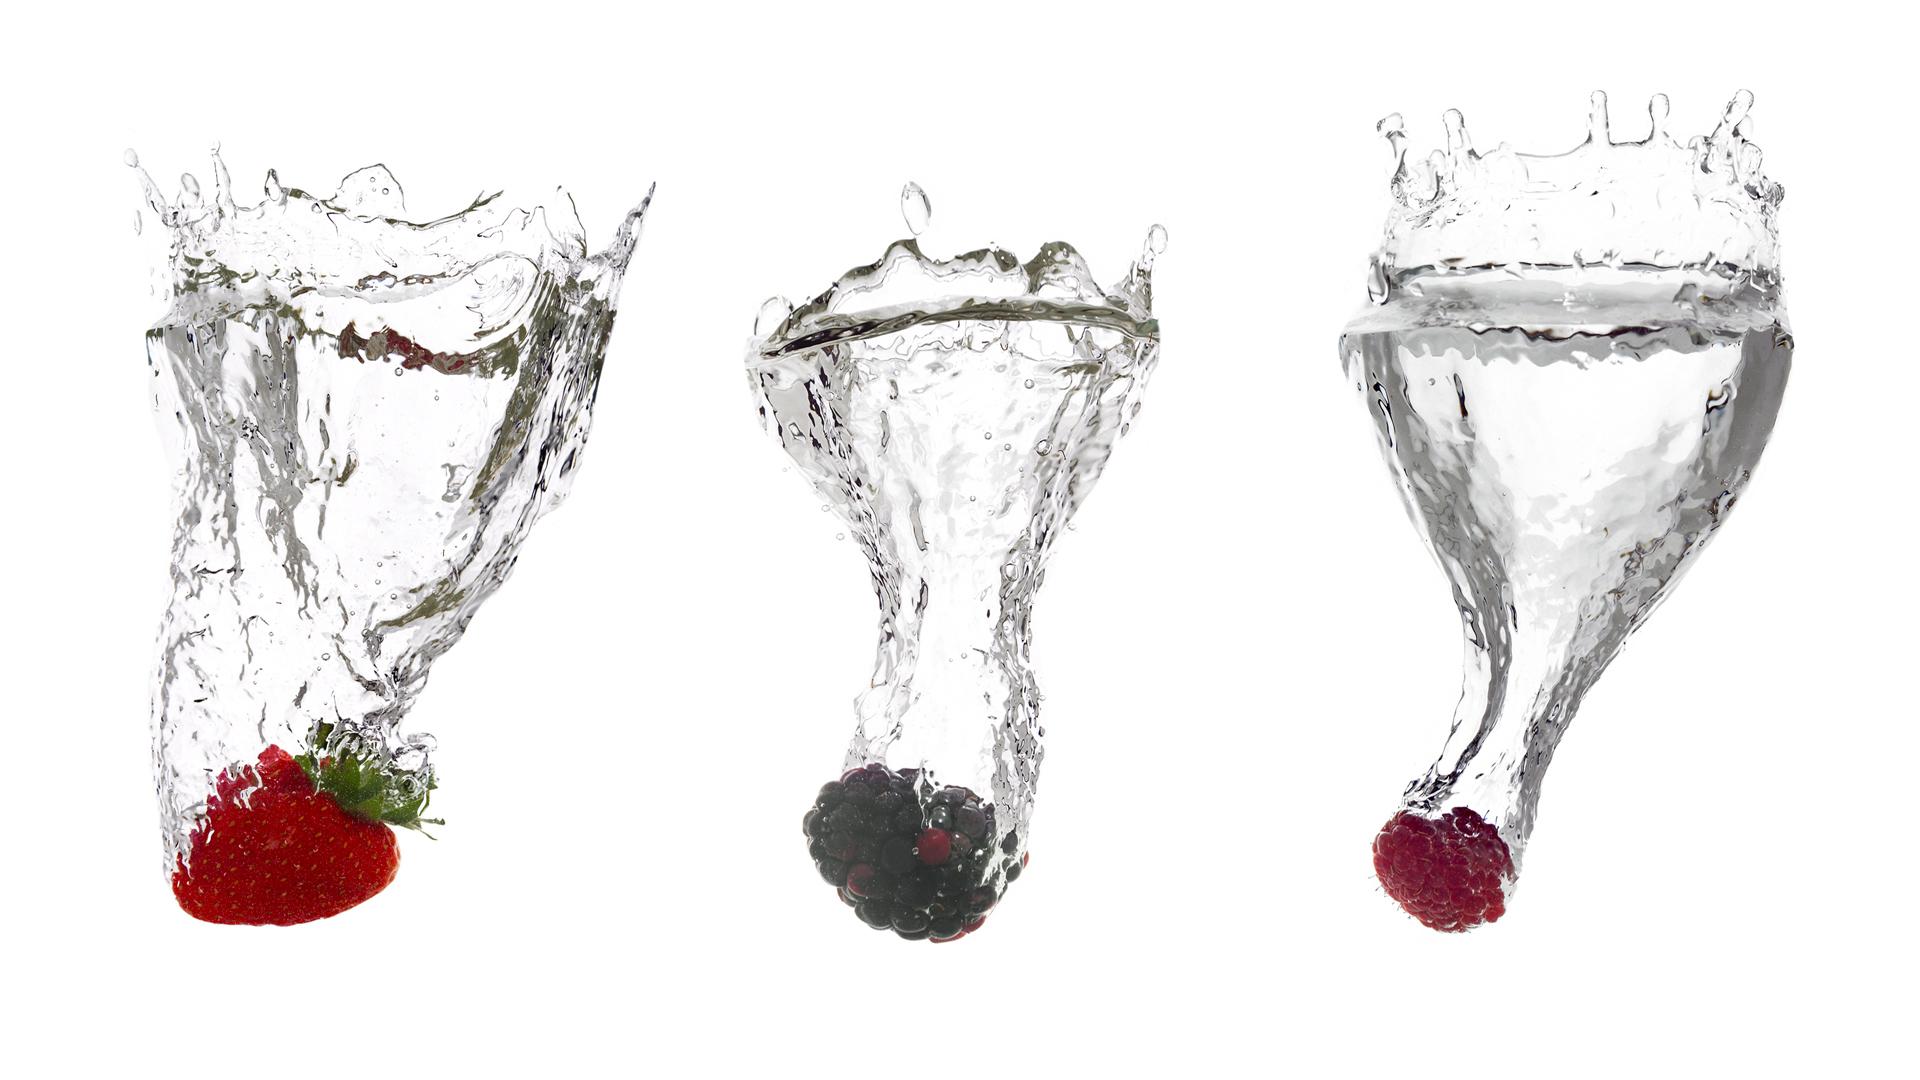 Geoff_Cardin_Portfolio_Drink_Berry_Splash.jpg